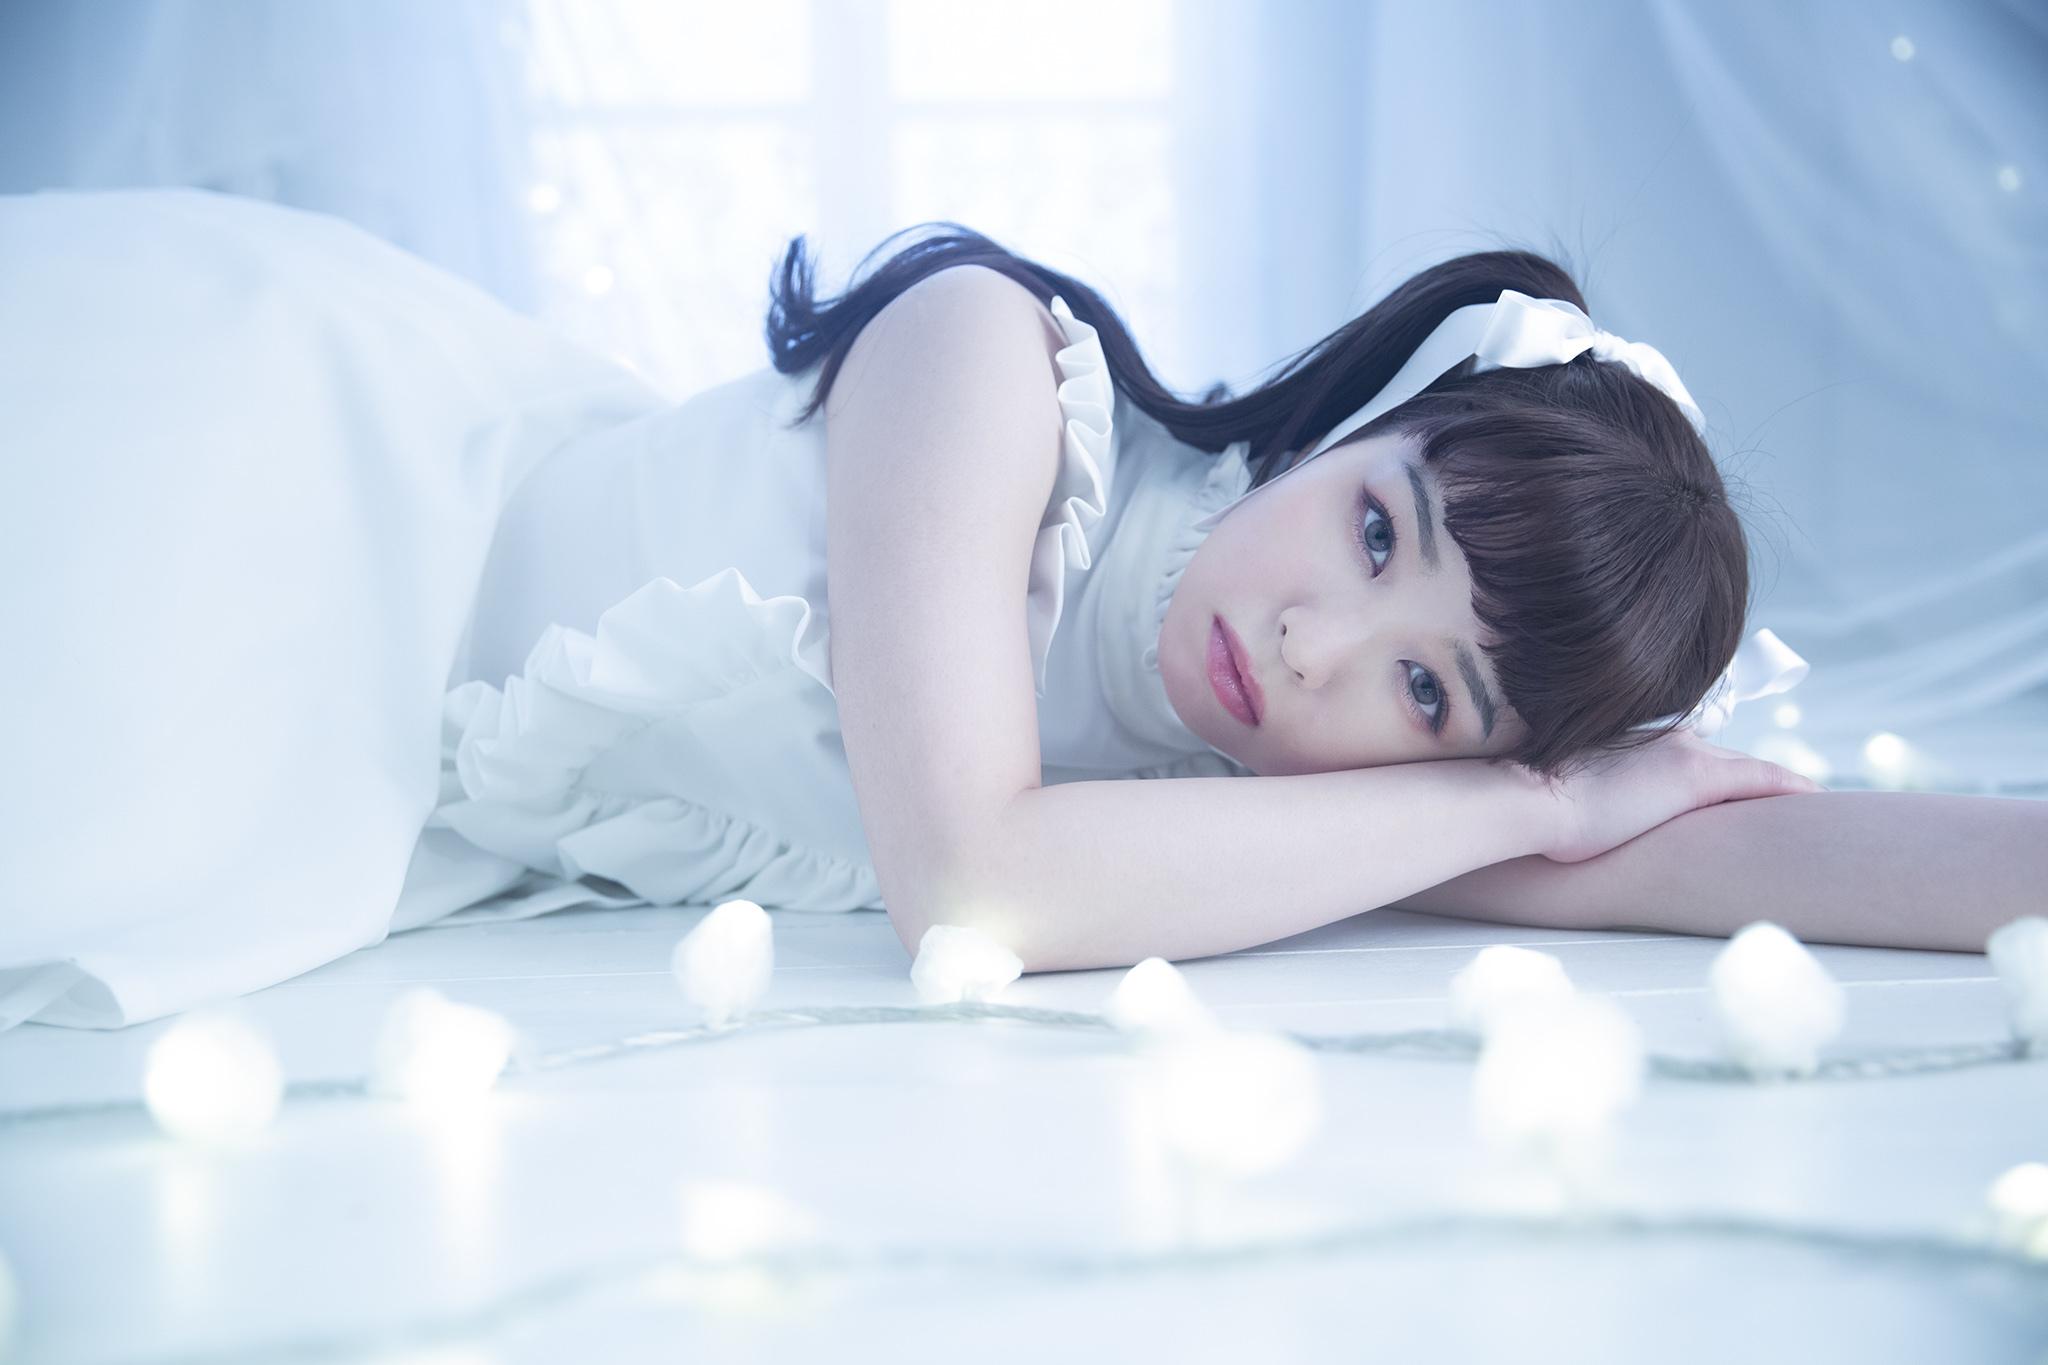 『春奈るな1stフォトブック LUNA』より (C)️KADOKAWA PHOTO/ISHIZUKA MASATO